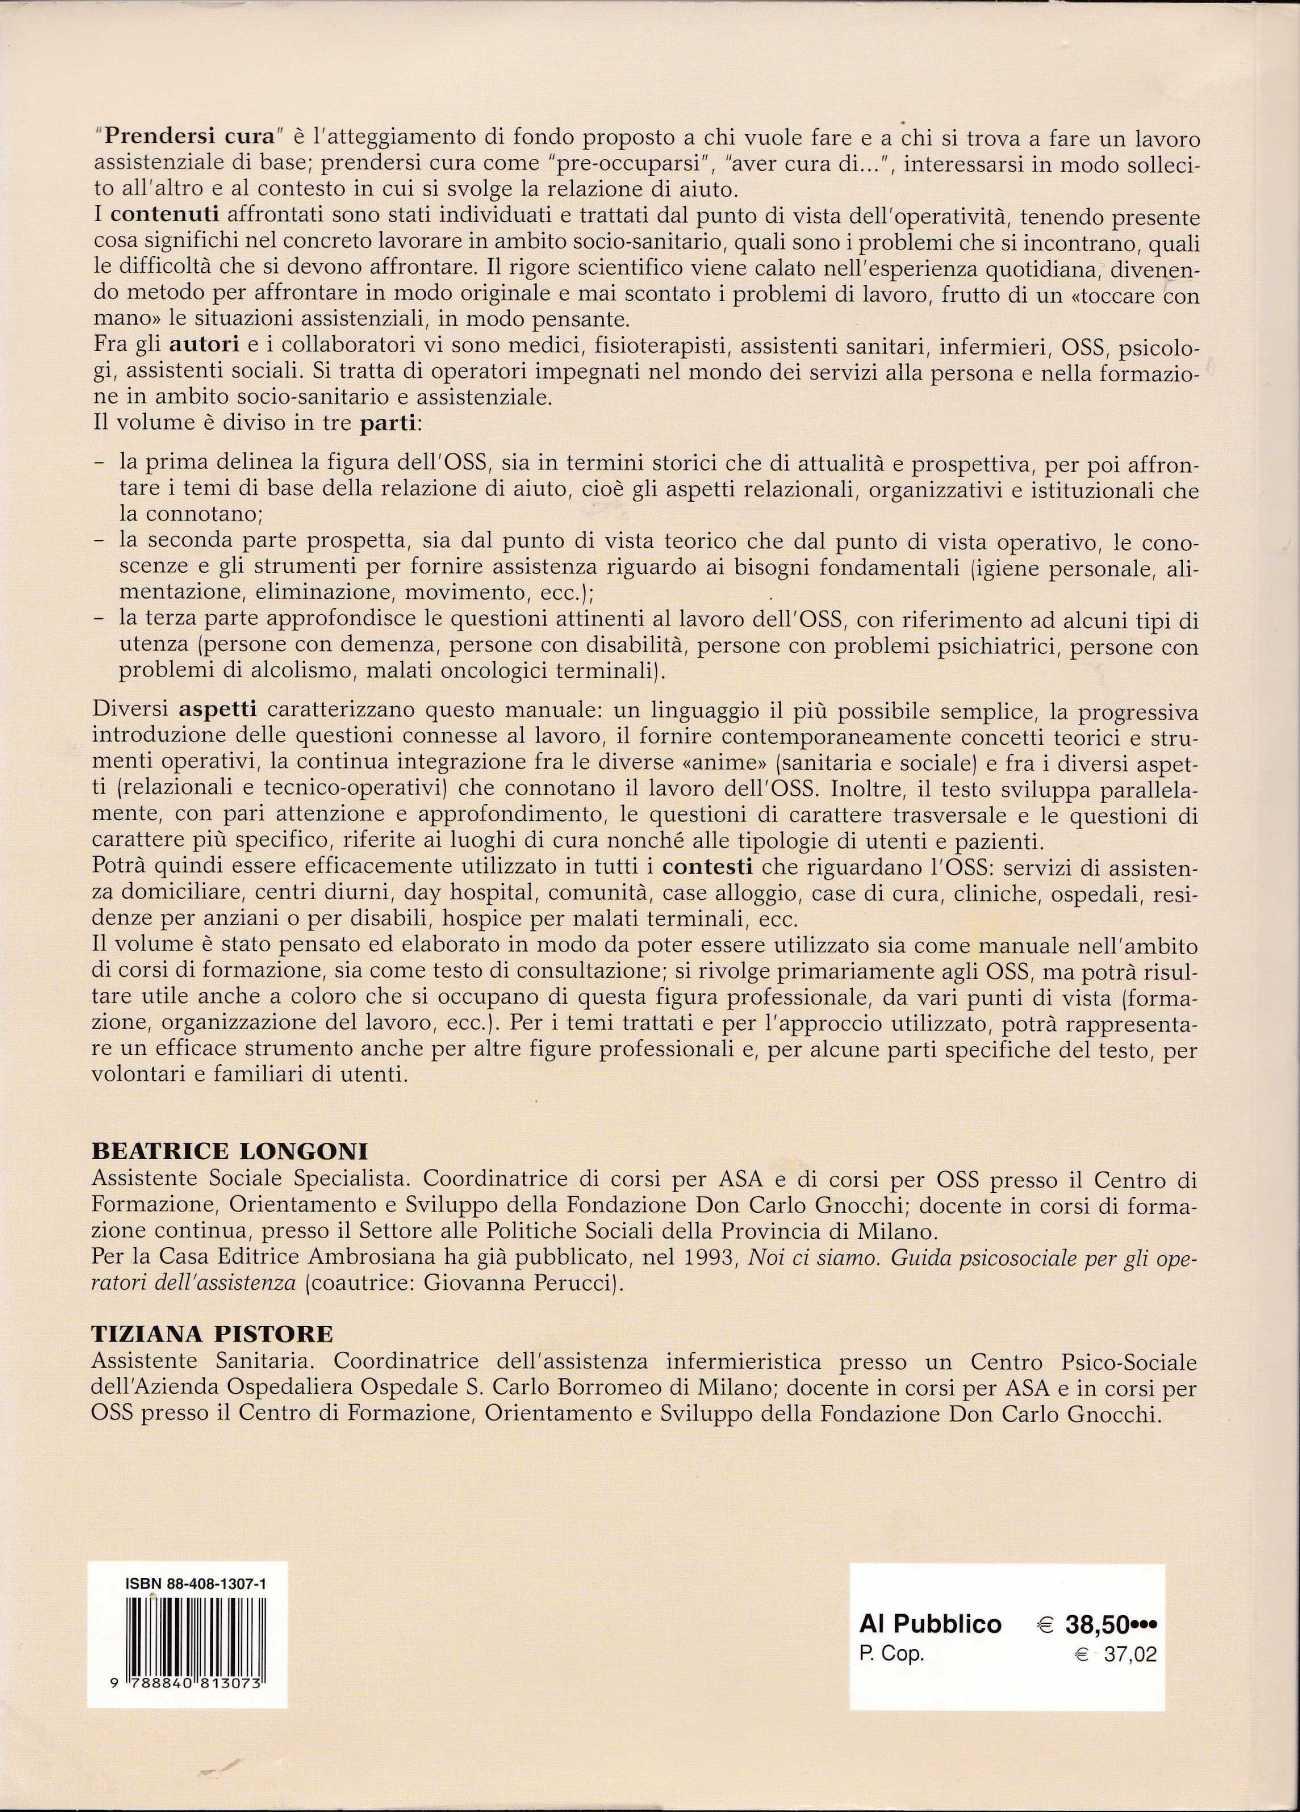 LONGONI PRENDERSI CURA2109